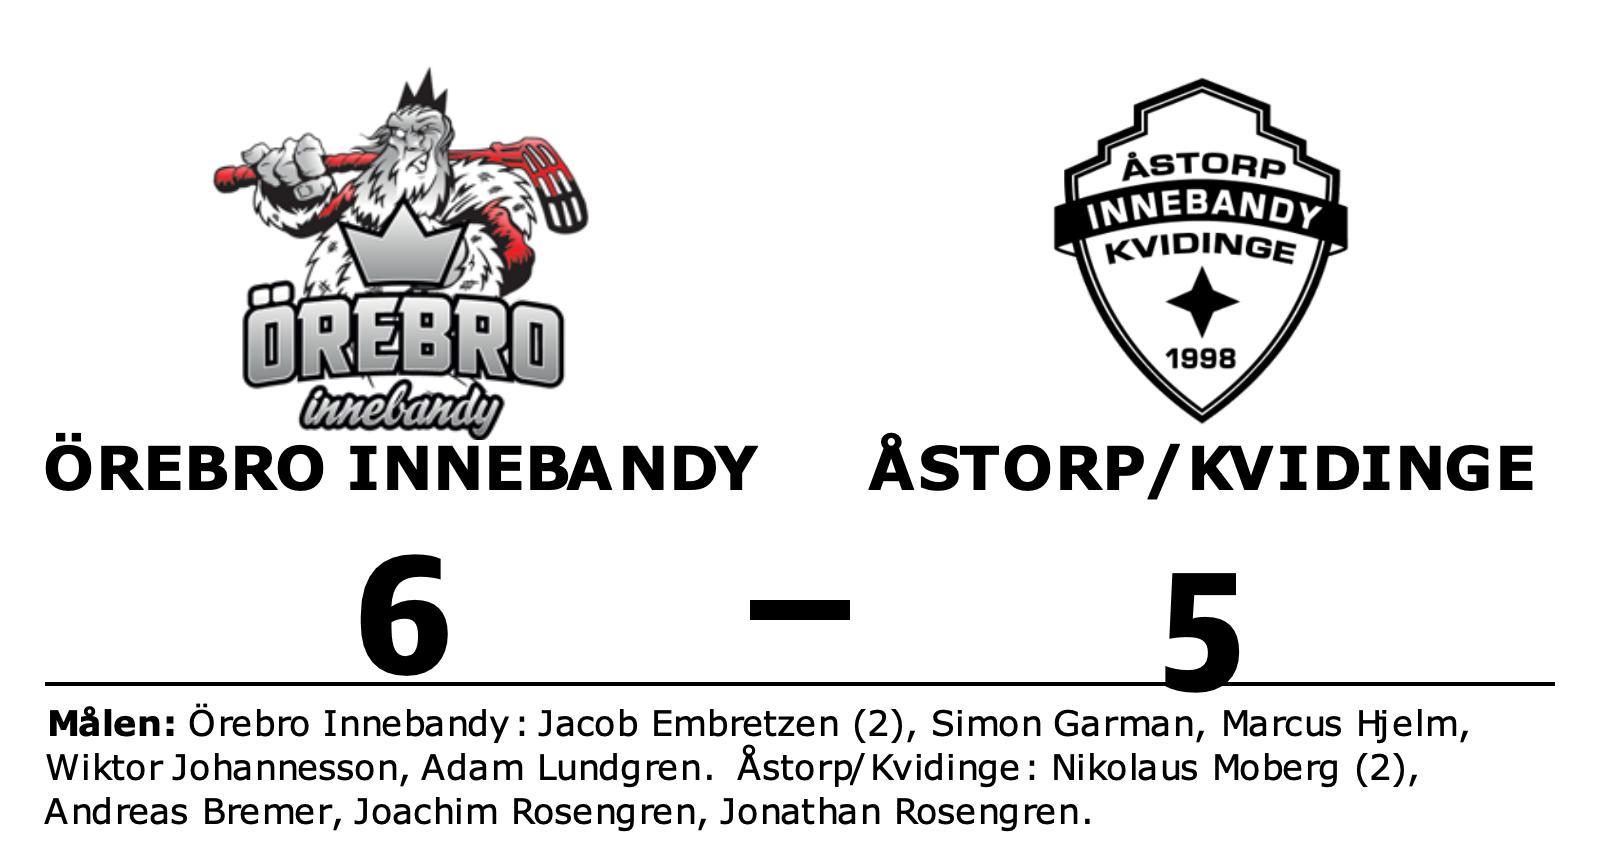 Örebro Innebandy slog Åstorp/Kvidinge efter Jacob Embretzens dubbel